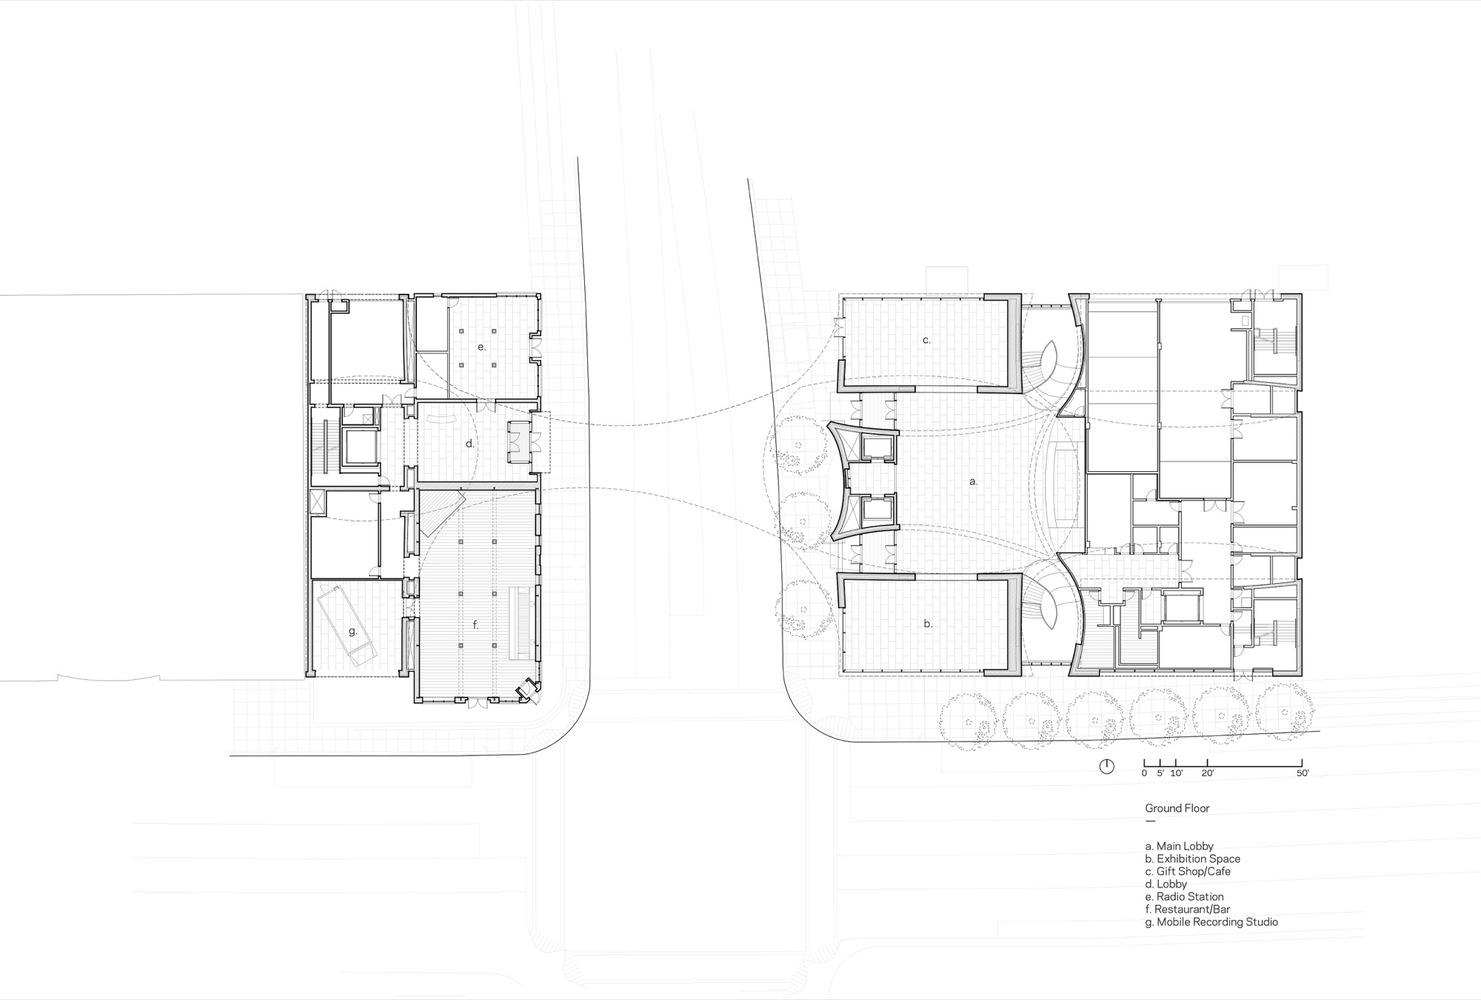 NMC_pres_floor plans_1_161017